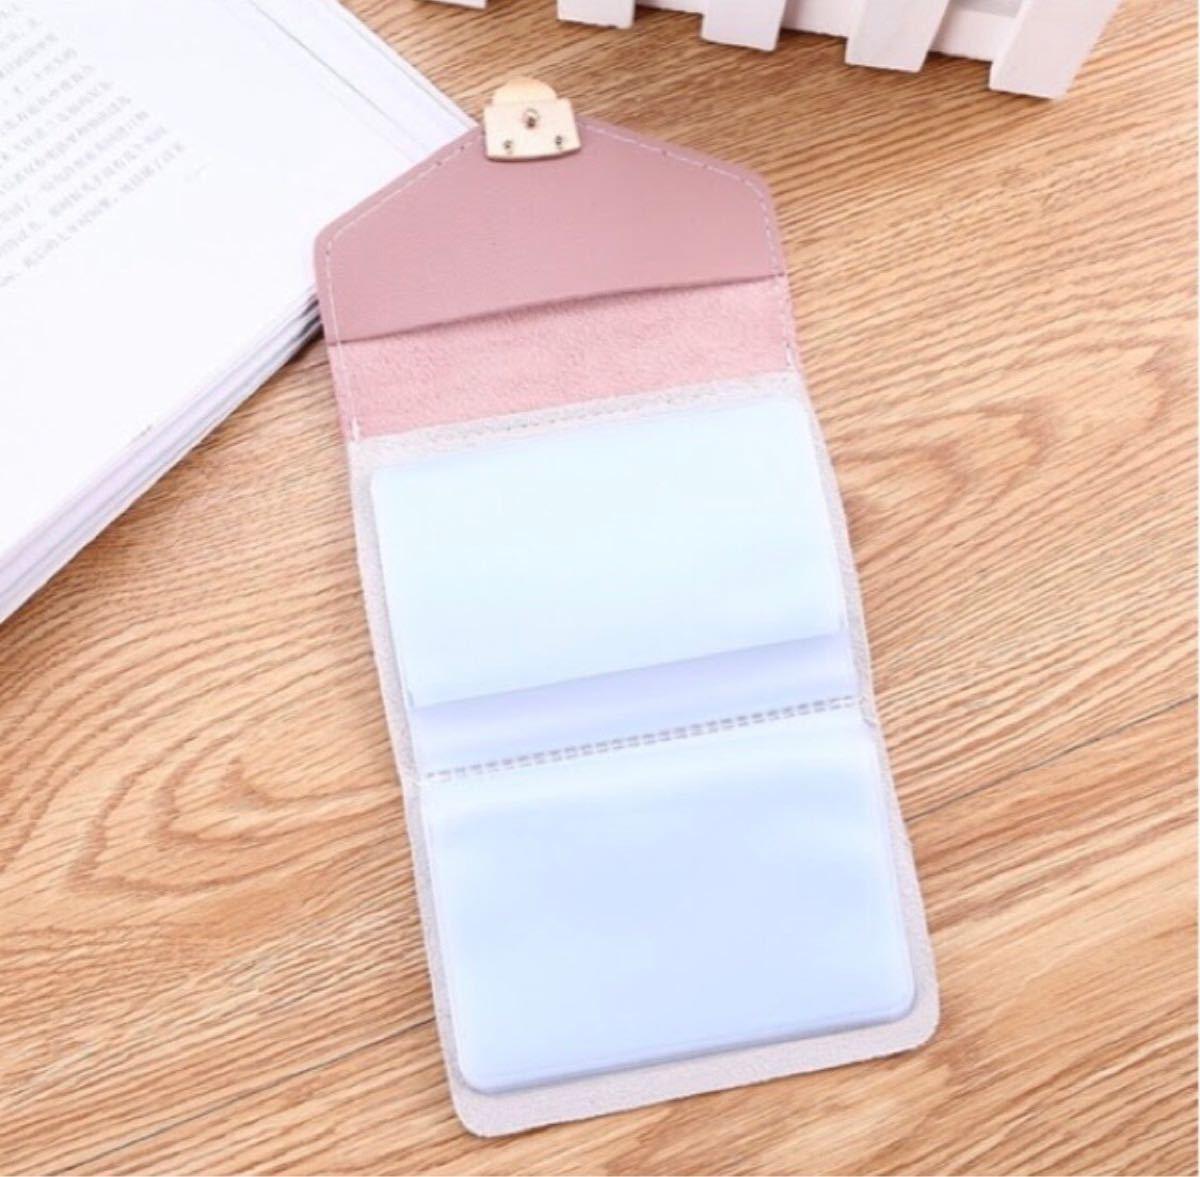 カードケース 定期入れ 名刺入れ おしゃれ かわいい 大容量 カード入れ ピンク